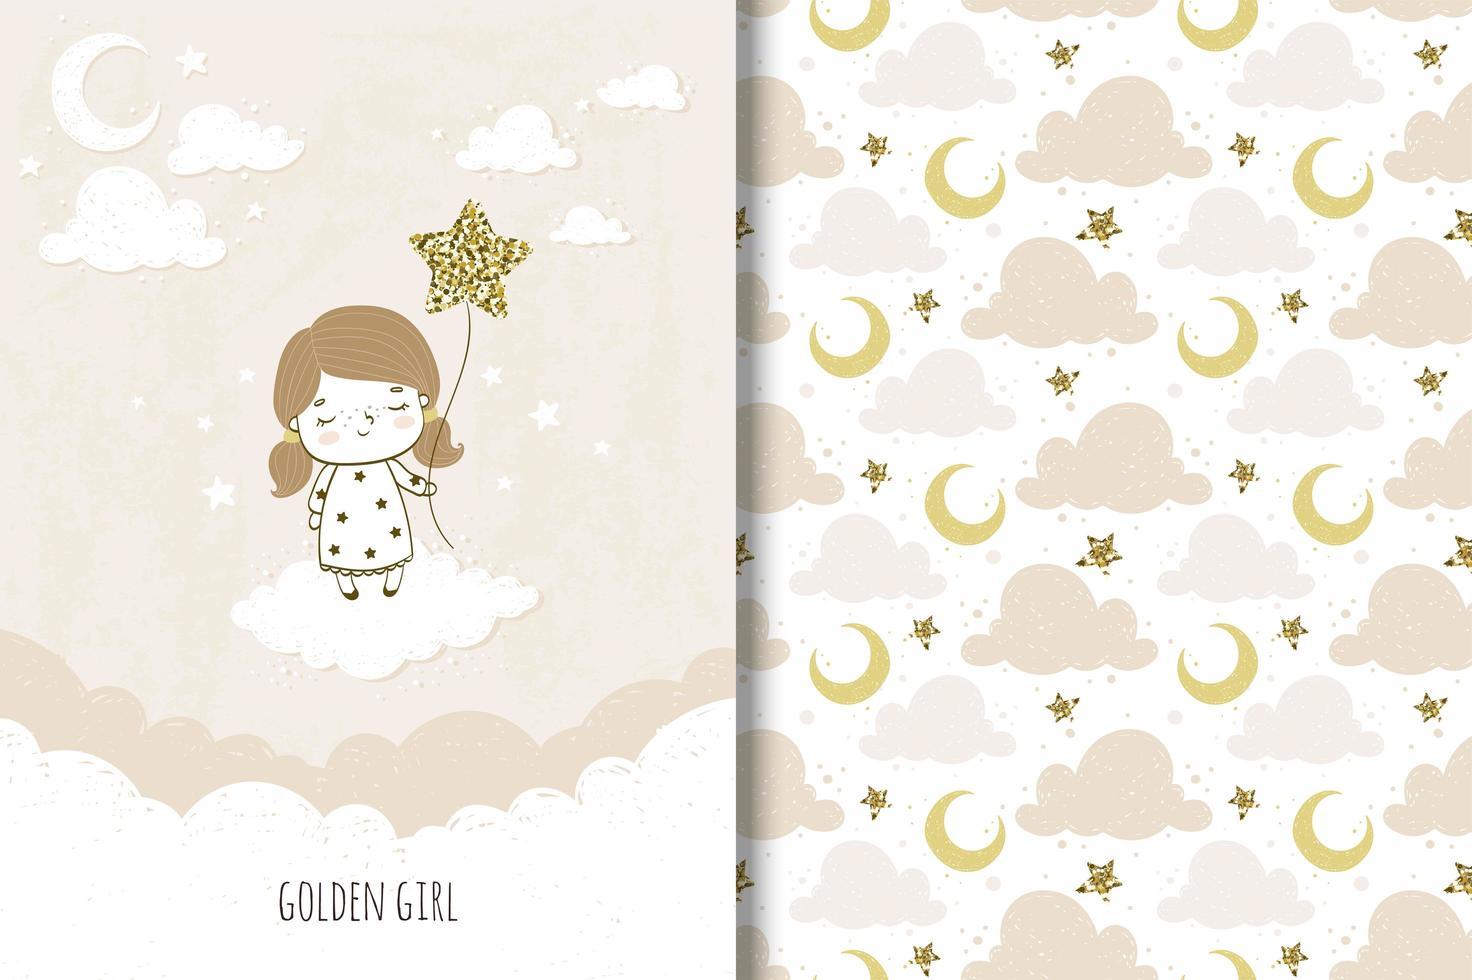 ragazza carina con palloncino stella e motivo a cielo notturno vettore